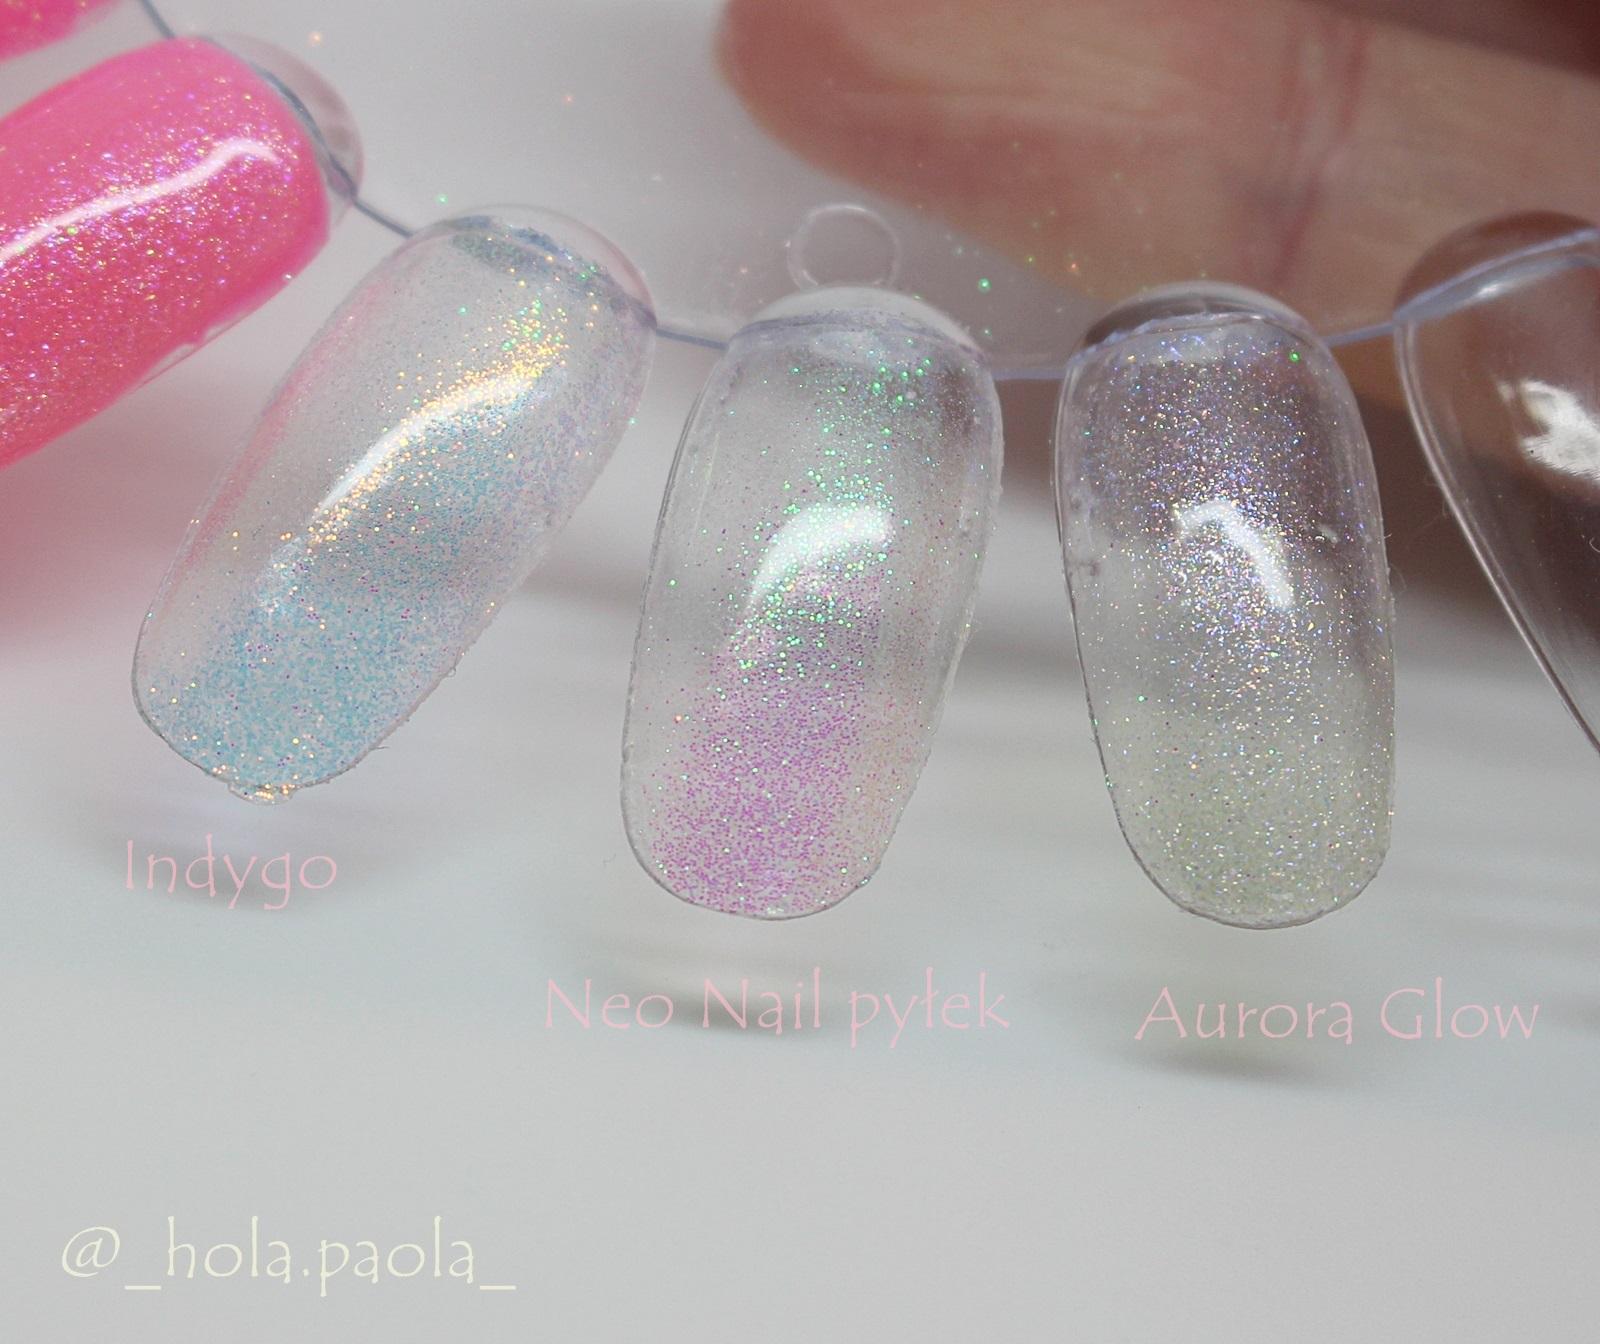 Efekt syrenki indygo gdzie kupić ile kosztuje jak zrobić hybryda neo nail aurora glow